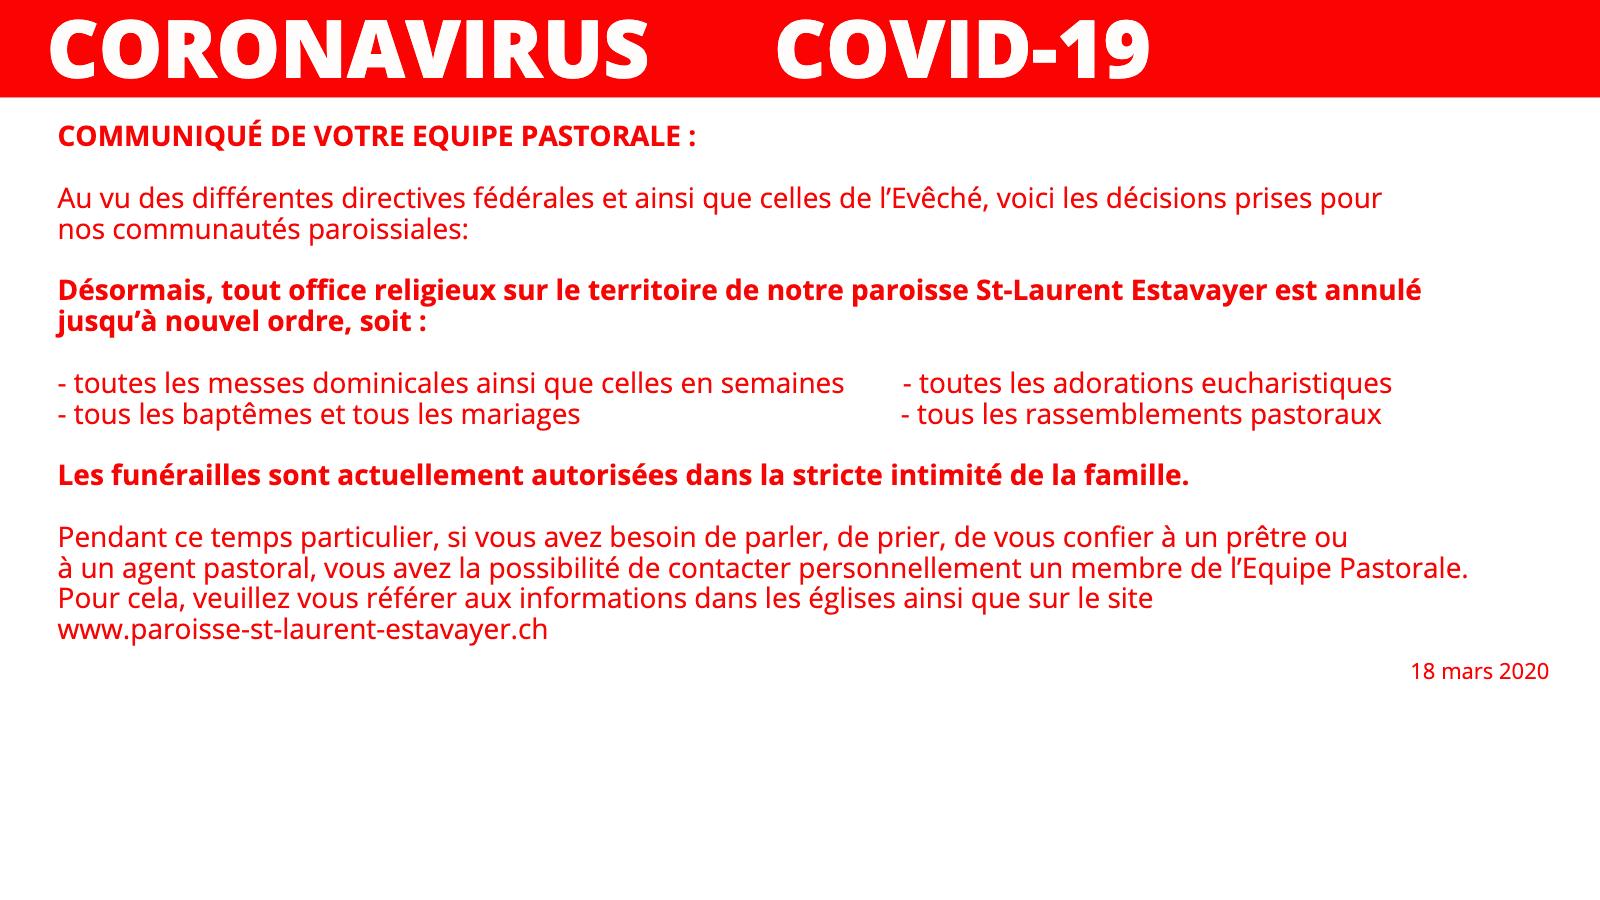 PAROISSE-CORONAVIRUS_18_03_2020 copie